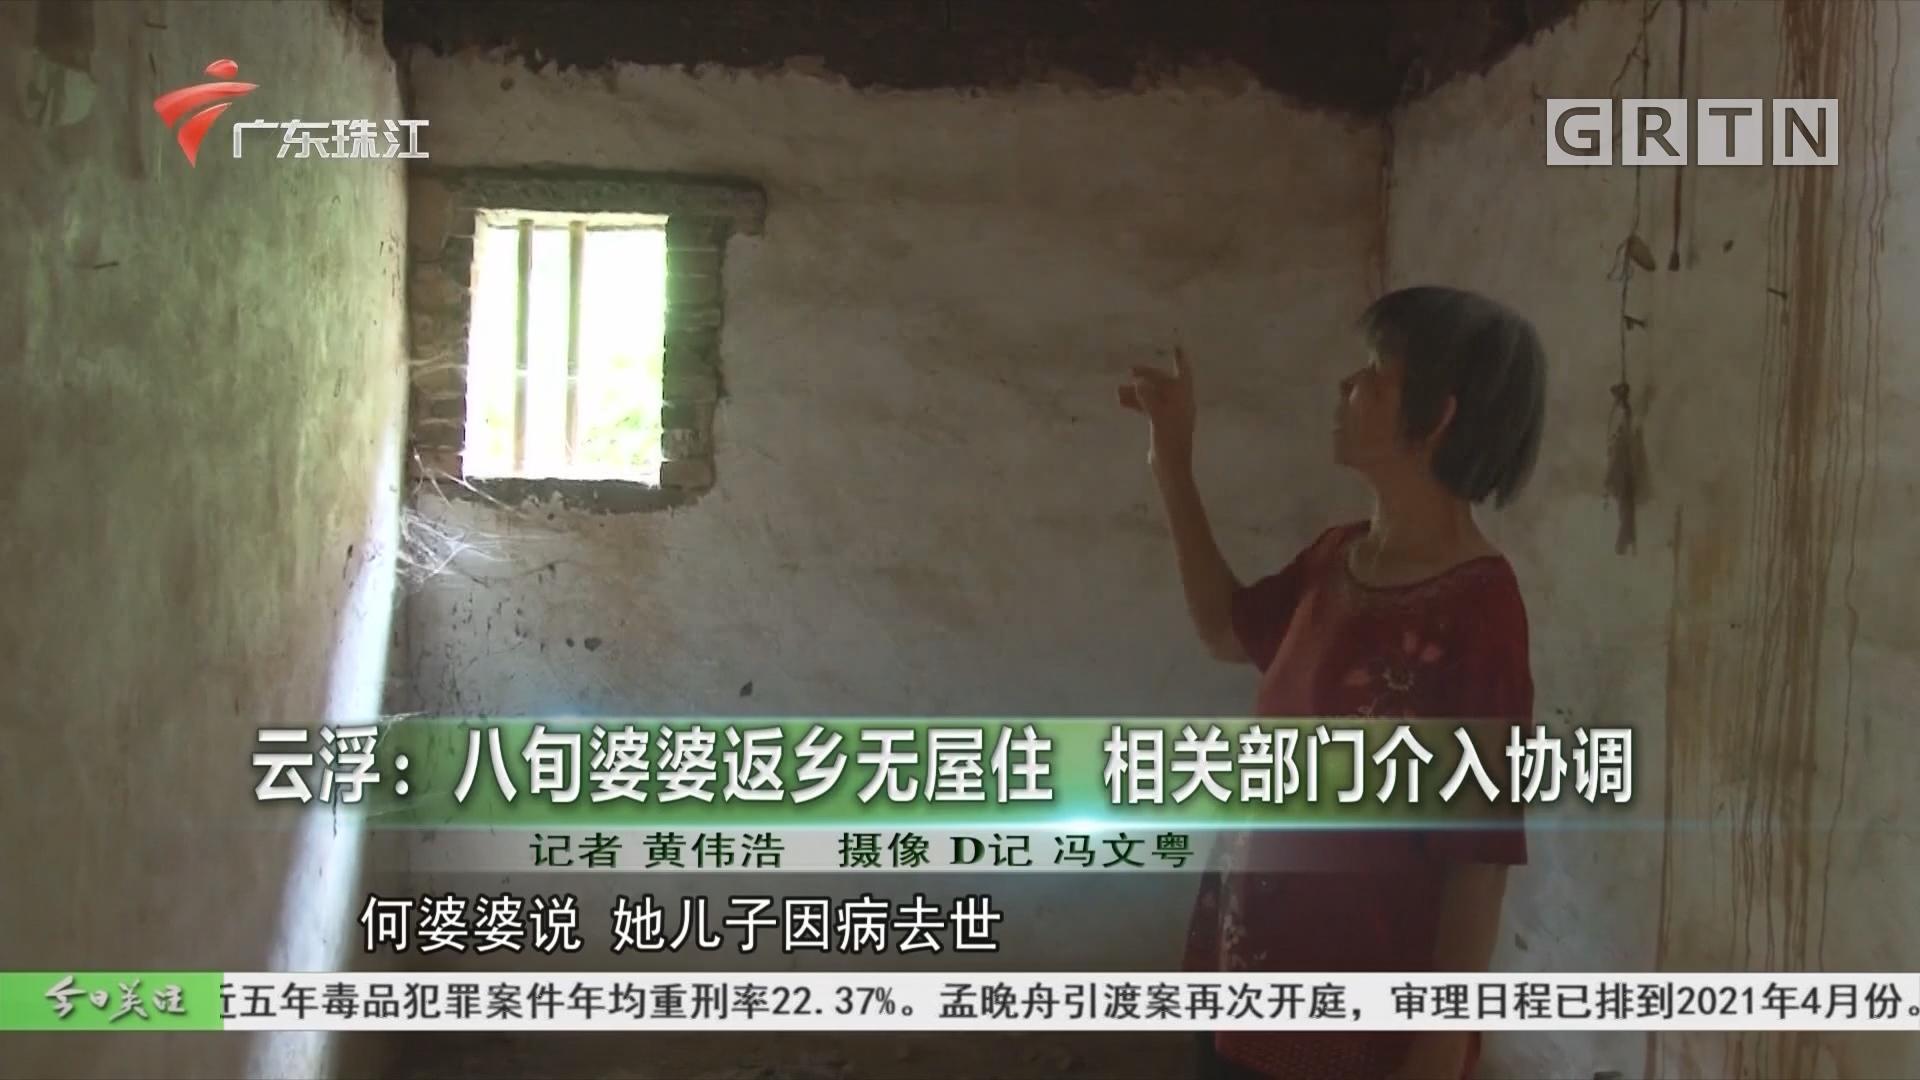 云浮:八旬婆婆返乡无屋住 相关部门介入协调